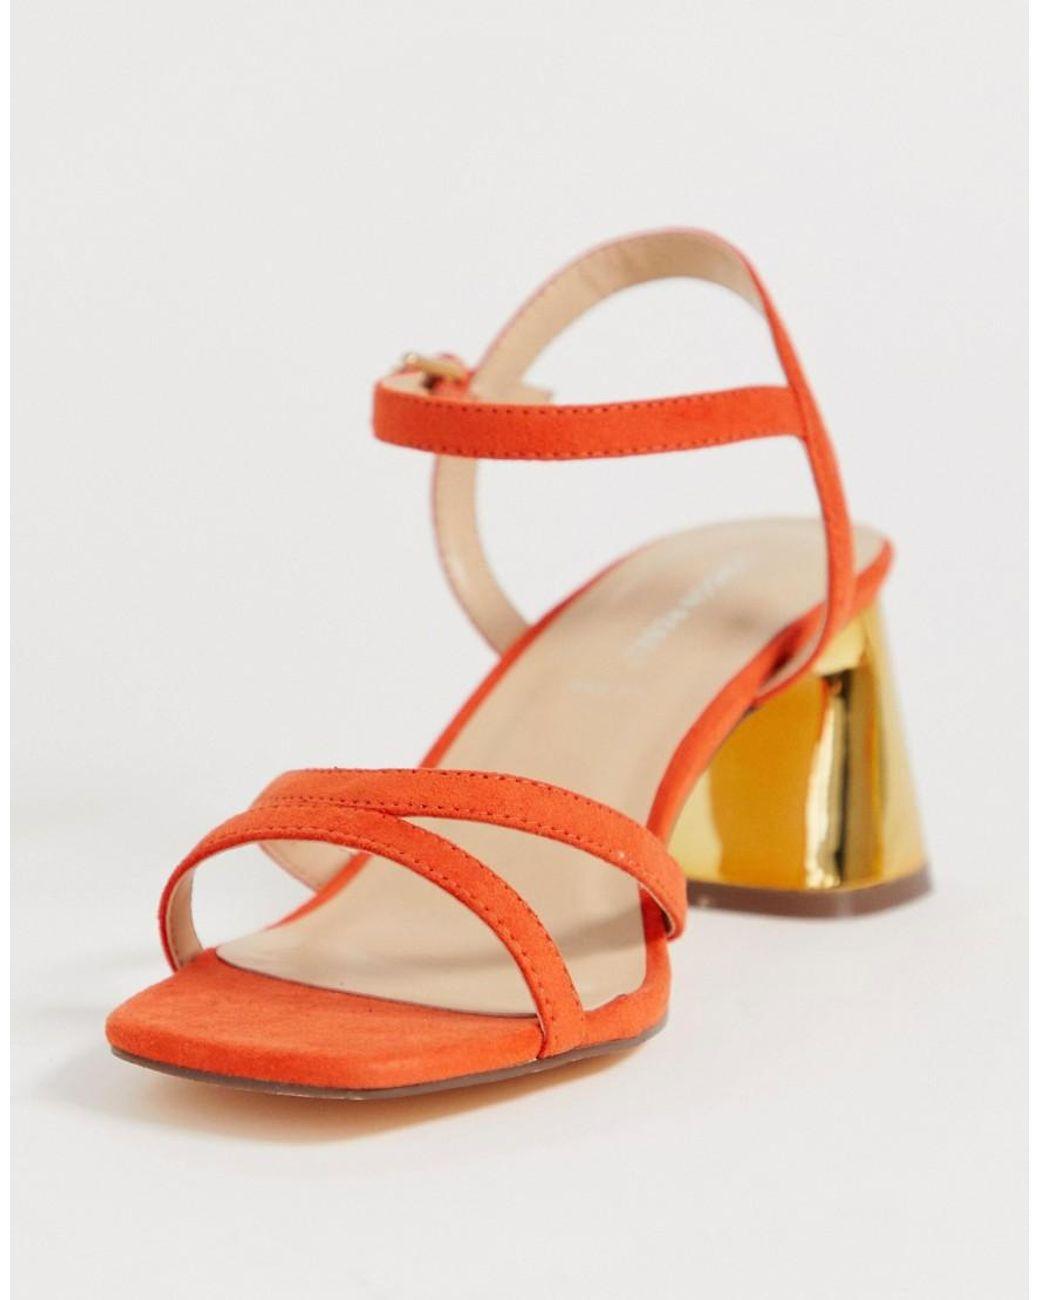 London Rebel Suede Wide Fit Mid Heel Stud Sandals in Orange